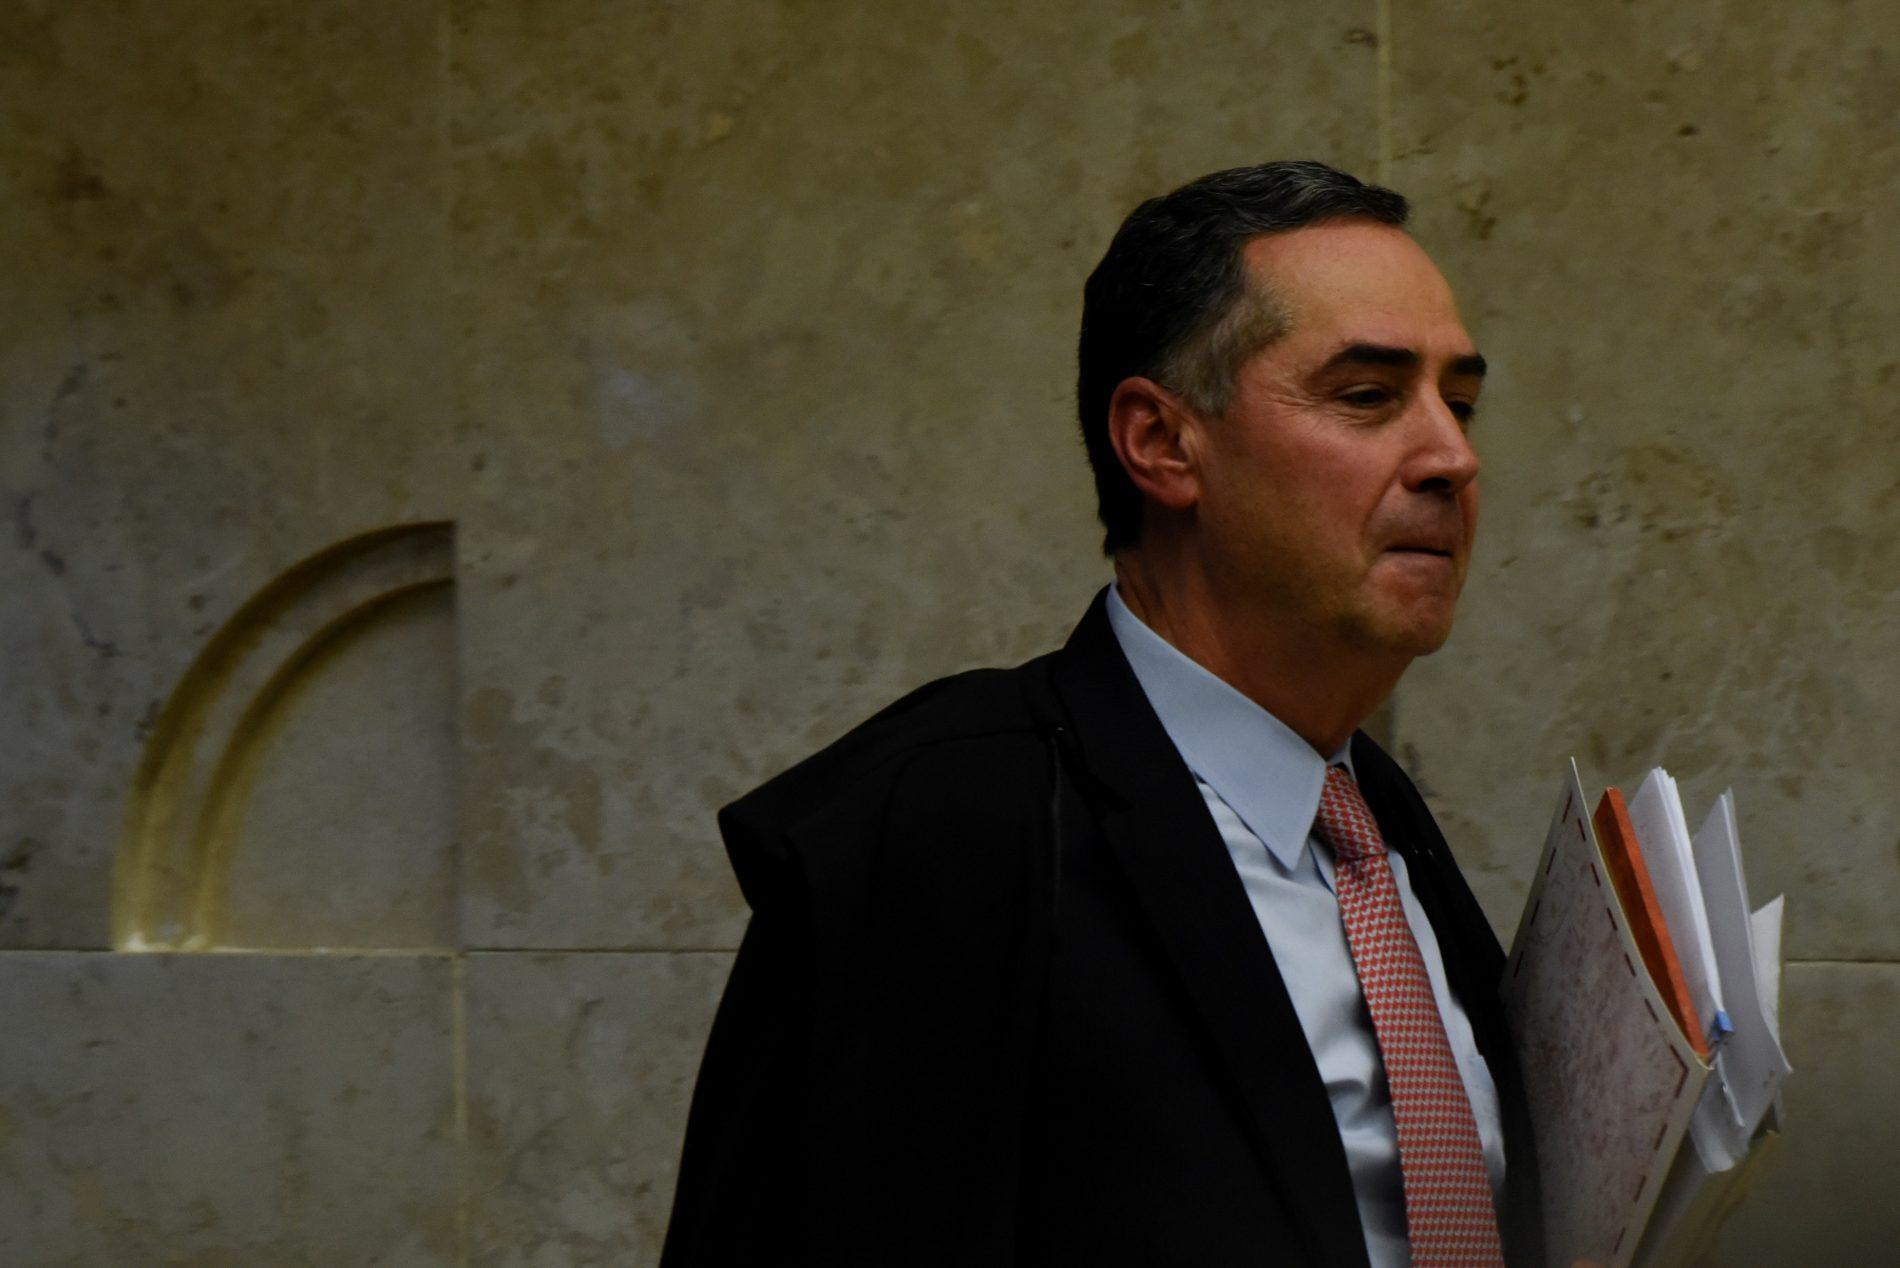 O minstro do STF Luís Roberto Barroso: reconhecido nas ruas,